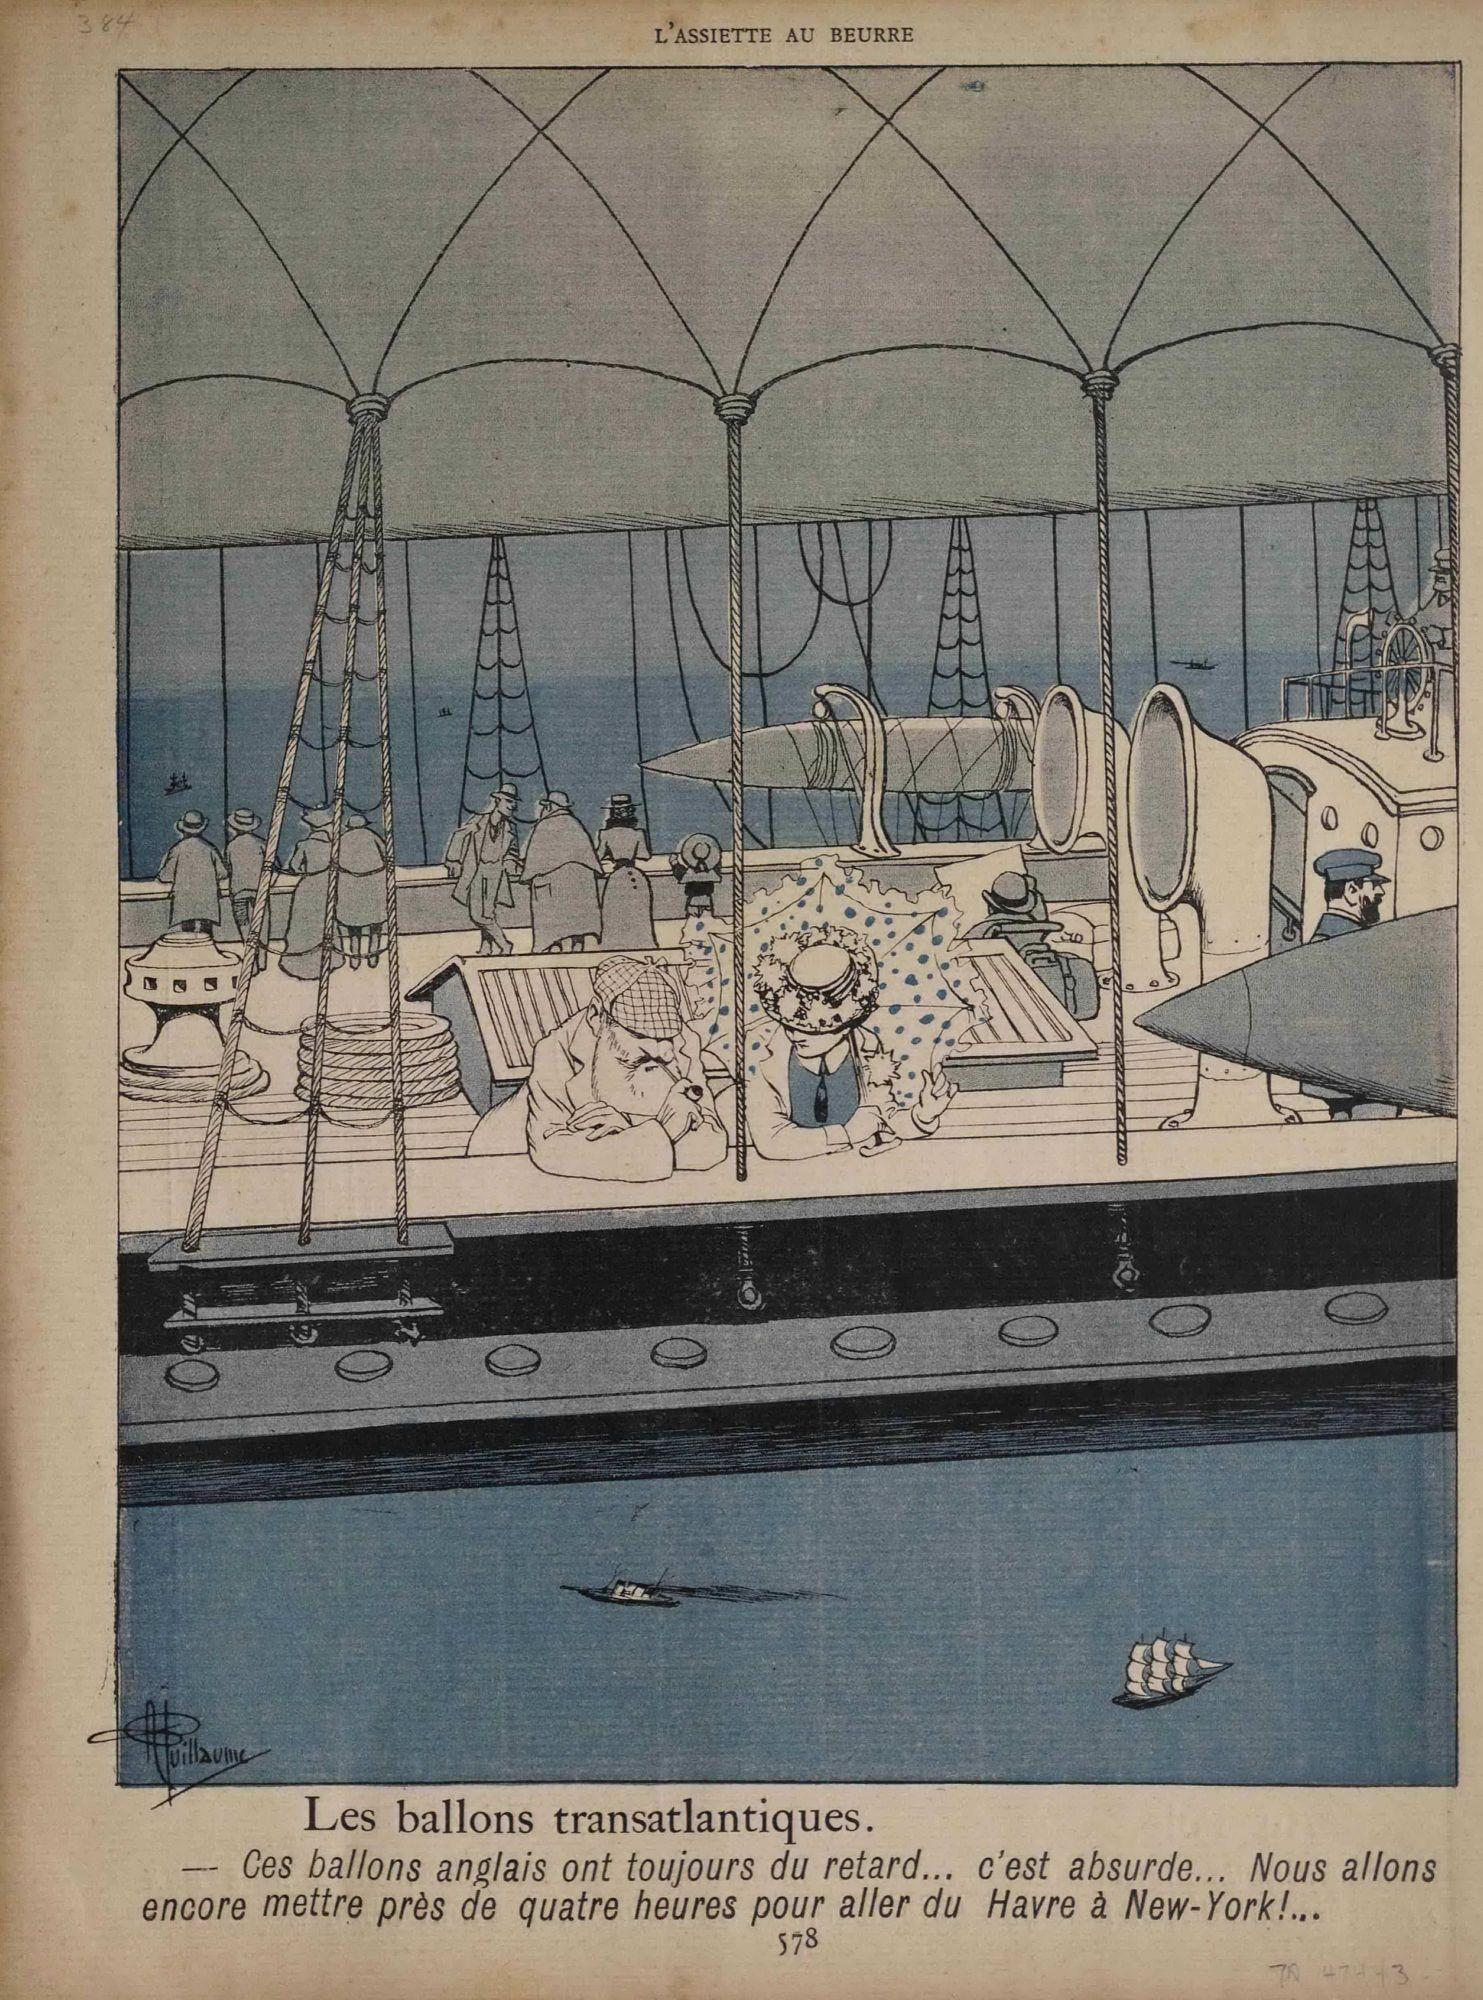 """""""Les ballons transatlantiques. -- Ces ballons anglais ont toujours du retard... c'est absurde... Nous allons encore mettre près de quatre heures pour aller du Havre à New-York!"""" People watching ocean from open-air dirigible"""